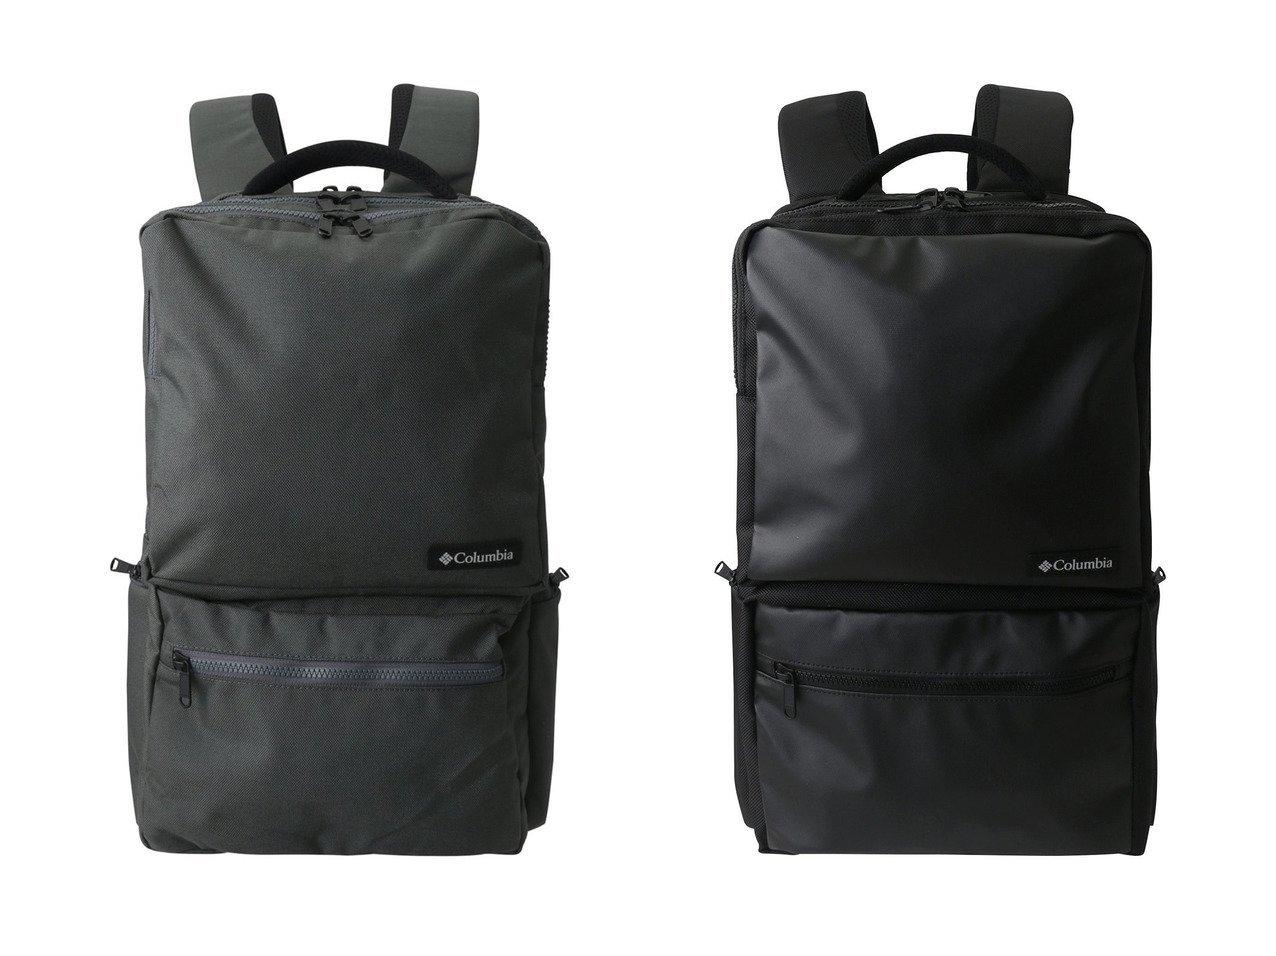 【Columbia/コロンビア】の【UNISEX】スターレンジスクエアバックパックII 【バッグ・鞄】おすすめ!人気、トレンド・レディースファッションの通販 おすすめで人気の流行・トレンド、ファッションの通販商品 インテリア・家具・メンズファッション・キッズファッション・レディースファッション・服の通販 founy(ファニー) https://founy.com/ ファッション Fashion レディースファッション WOMEN バッグ Bag スポーツウェア Sportswear スポーツ バッグ/ポーチ Bag UNISEX シンプル スタイリッシュ スポーツ ポケット |ID:crp329100000069204